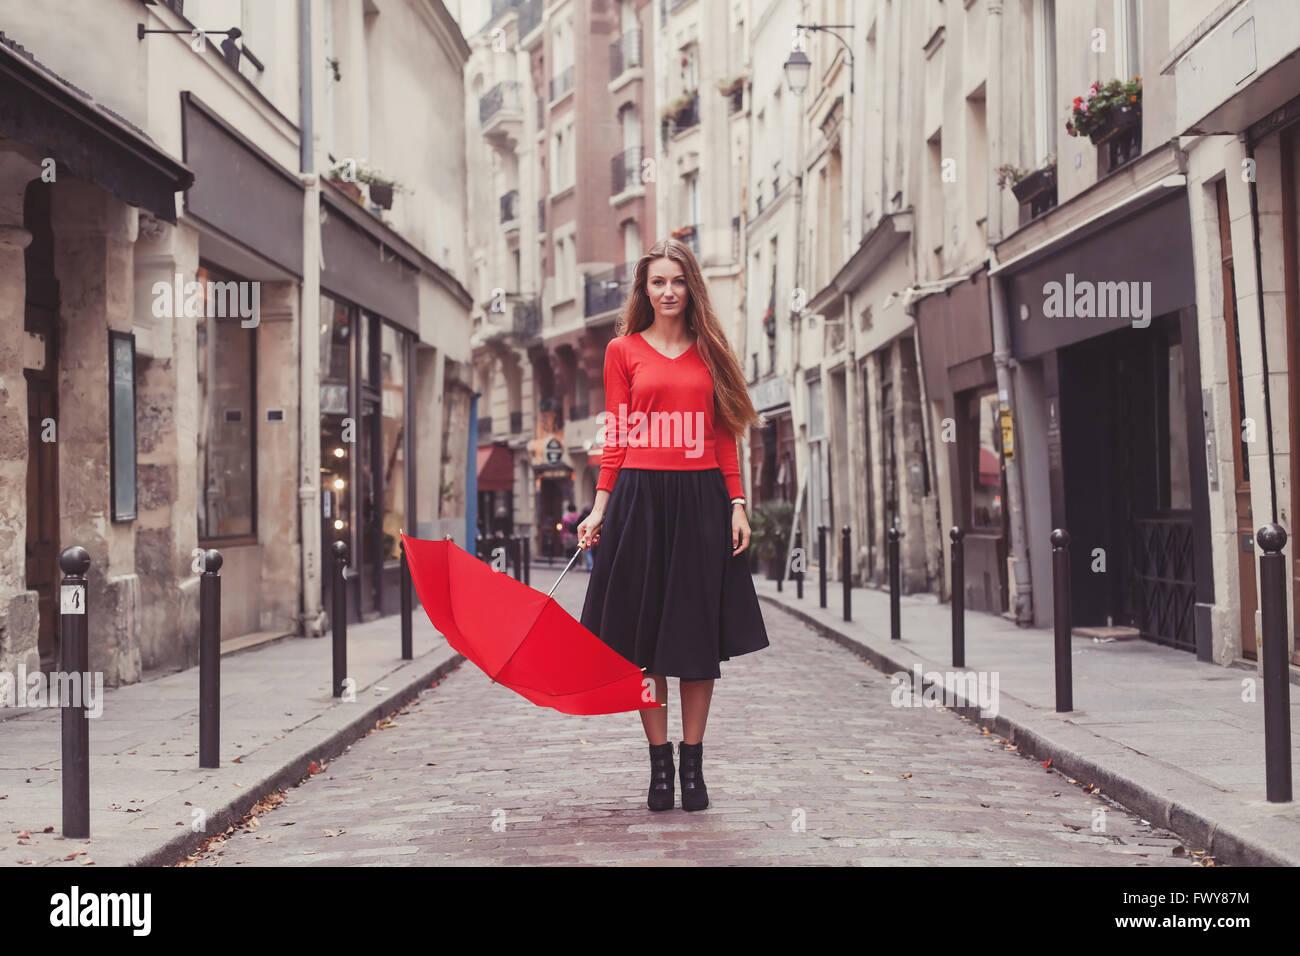 Bella mujer, retrato de niña con sombrilla roja de pie en la calle de París Imagen De Stock